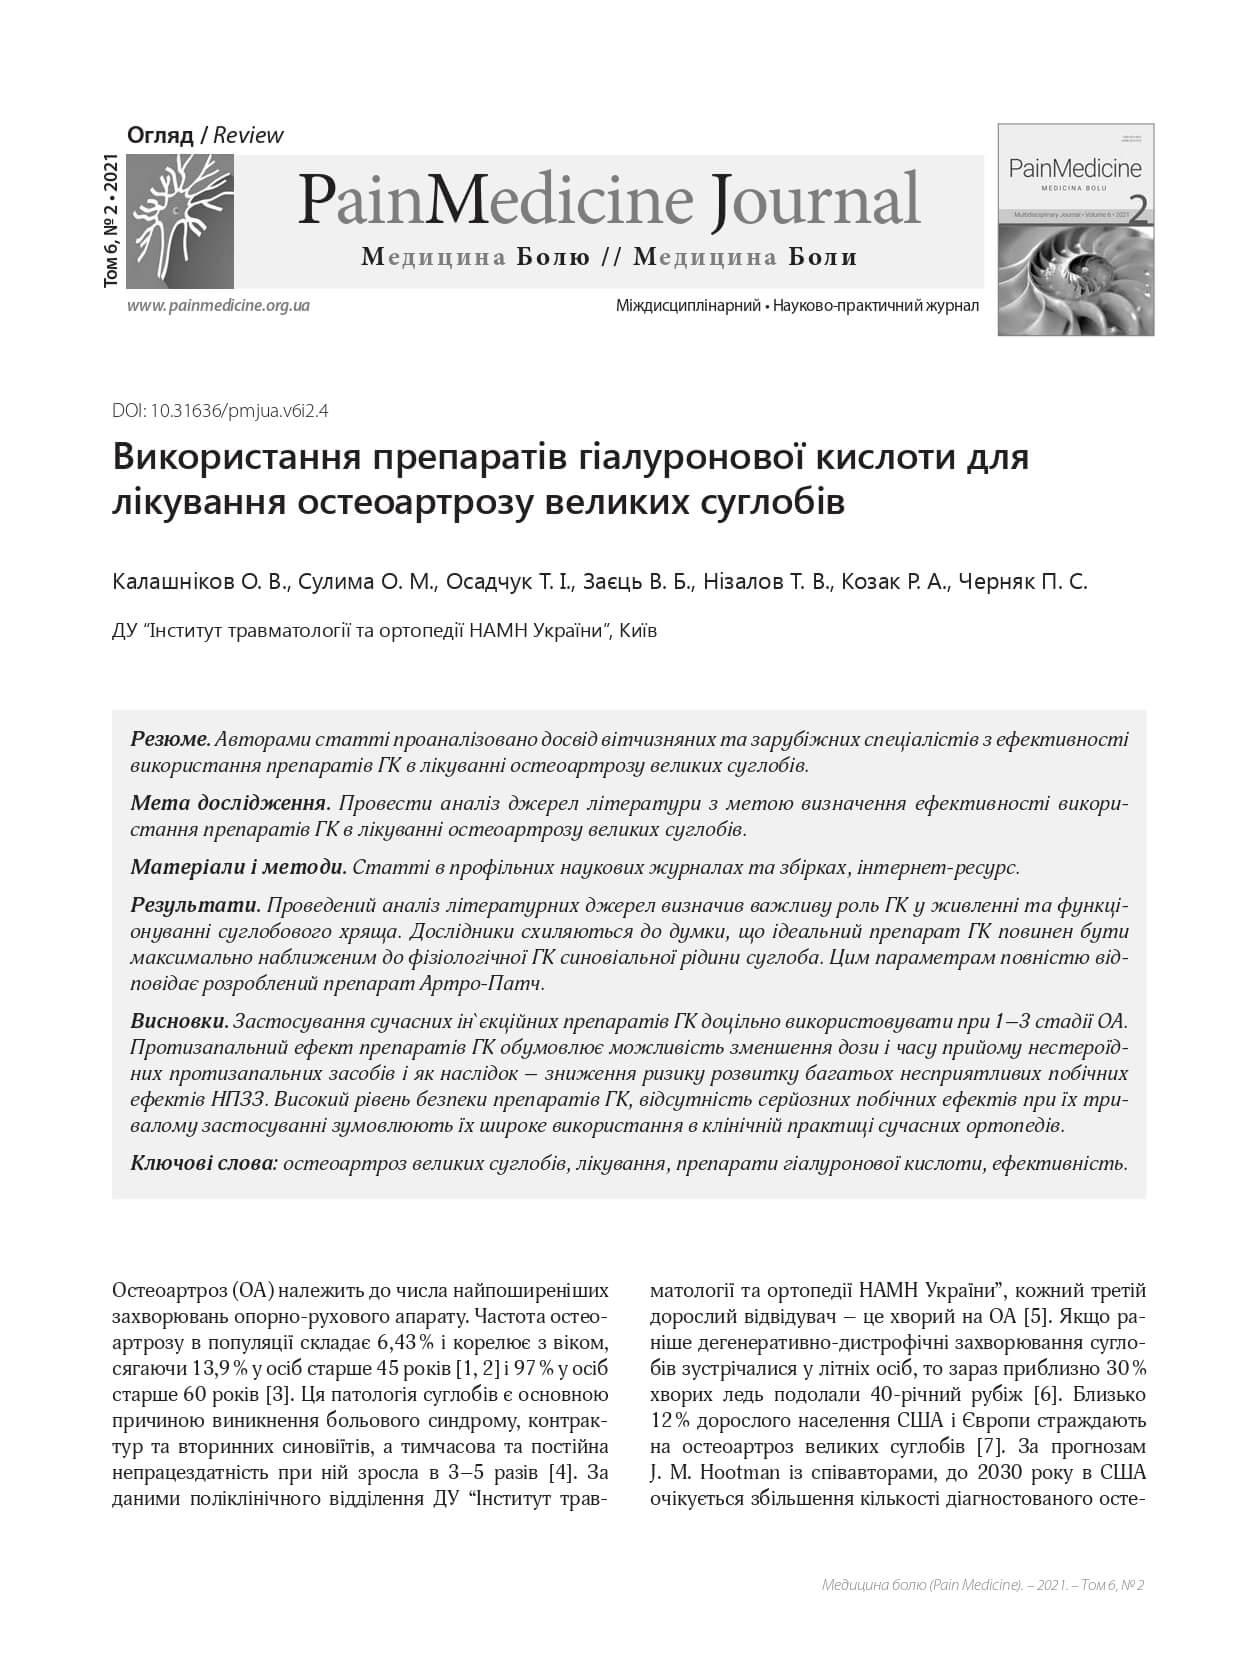 Використання препаратів гіалуронової кислоти для лікування остеоартрозу великих суглобів